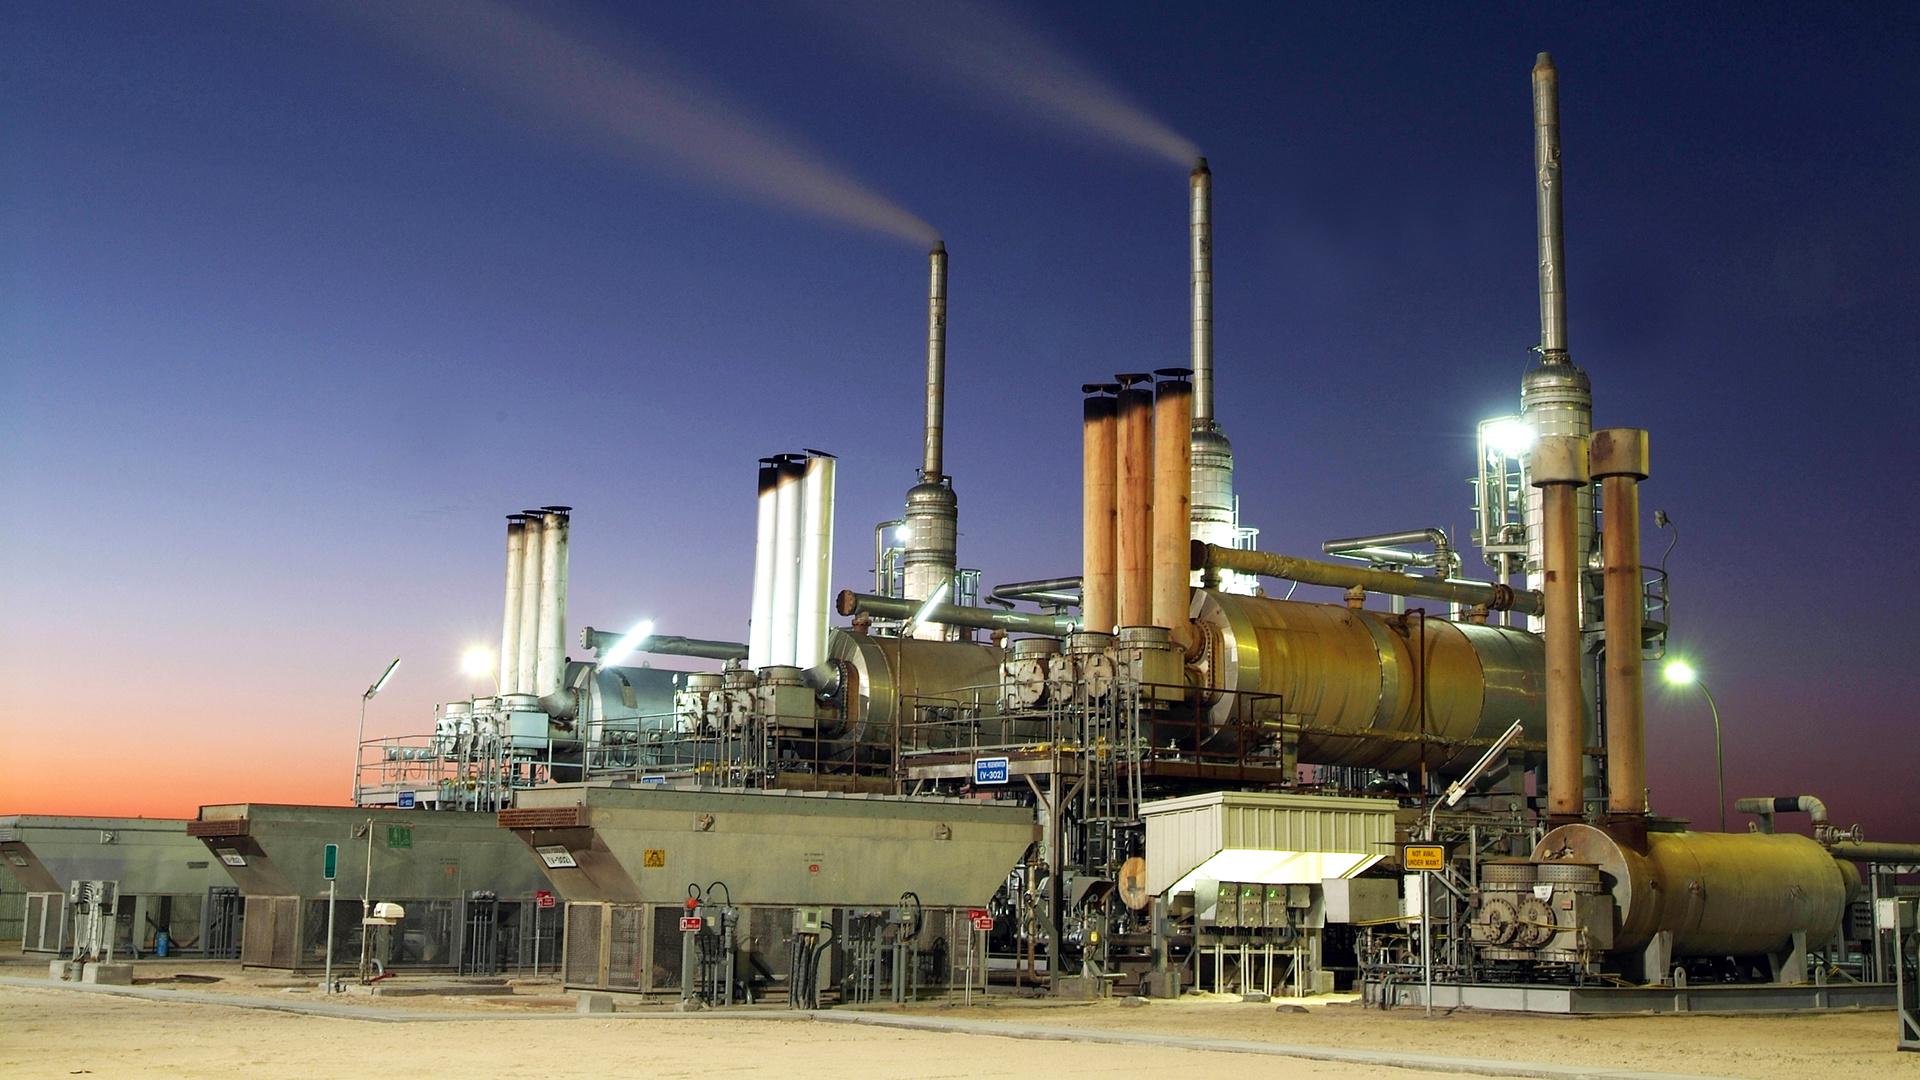 Brandveilig houden van een olie transport systeem